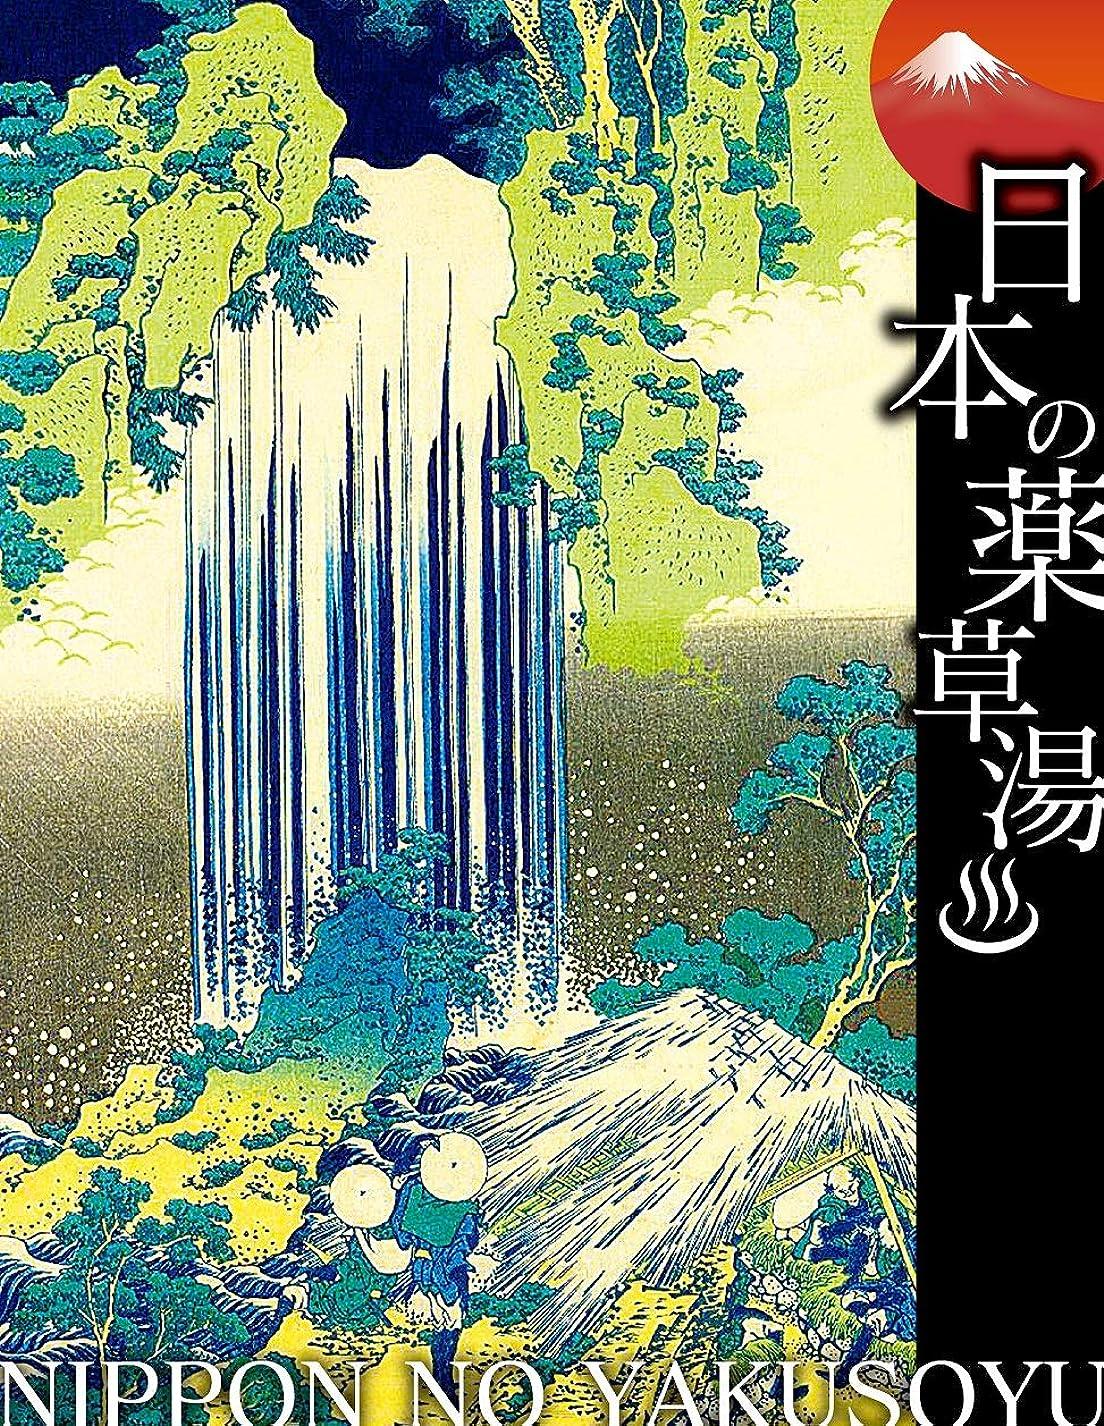 オーバーフロー住居淡い日本の薬草湯 美濃ノ国養老の瀧(諸国瀧廻り)